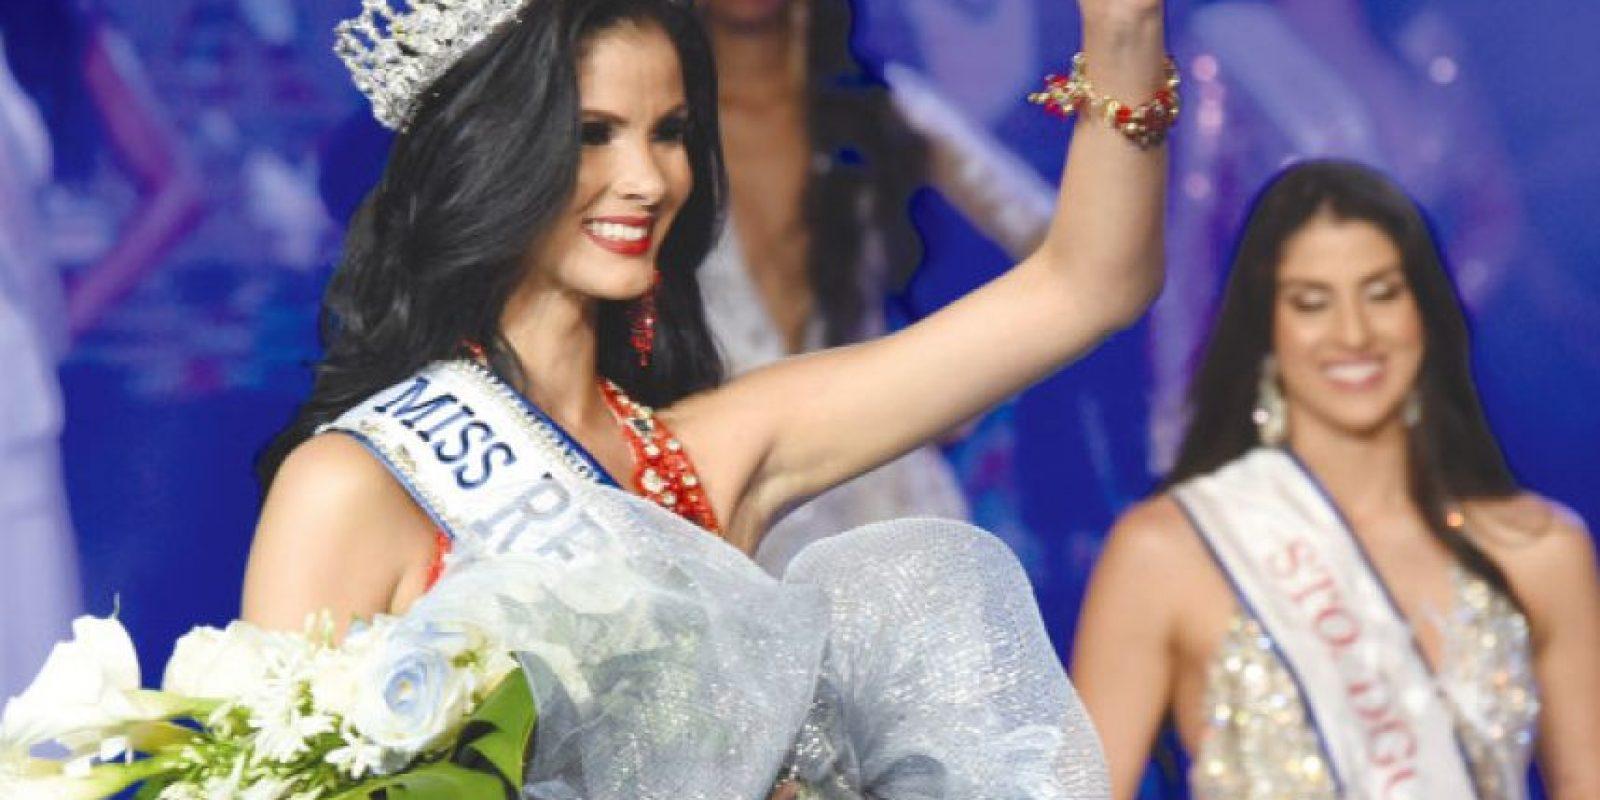 Sal García, feliz y ovacionada al ganar su corana de Miss Universo RD 2016. Foto:Fuente externa